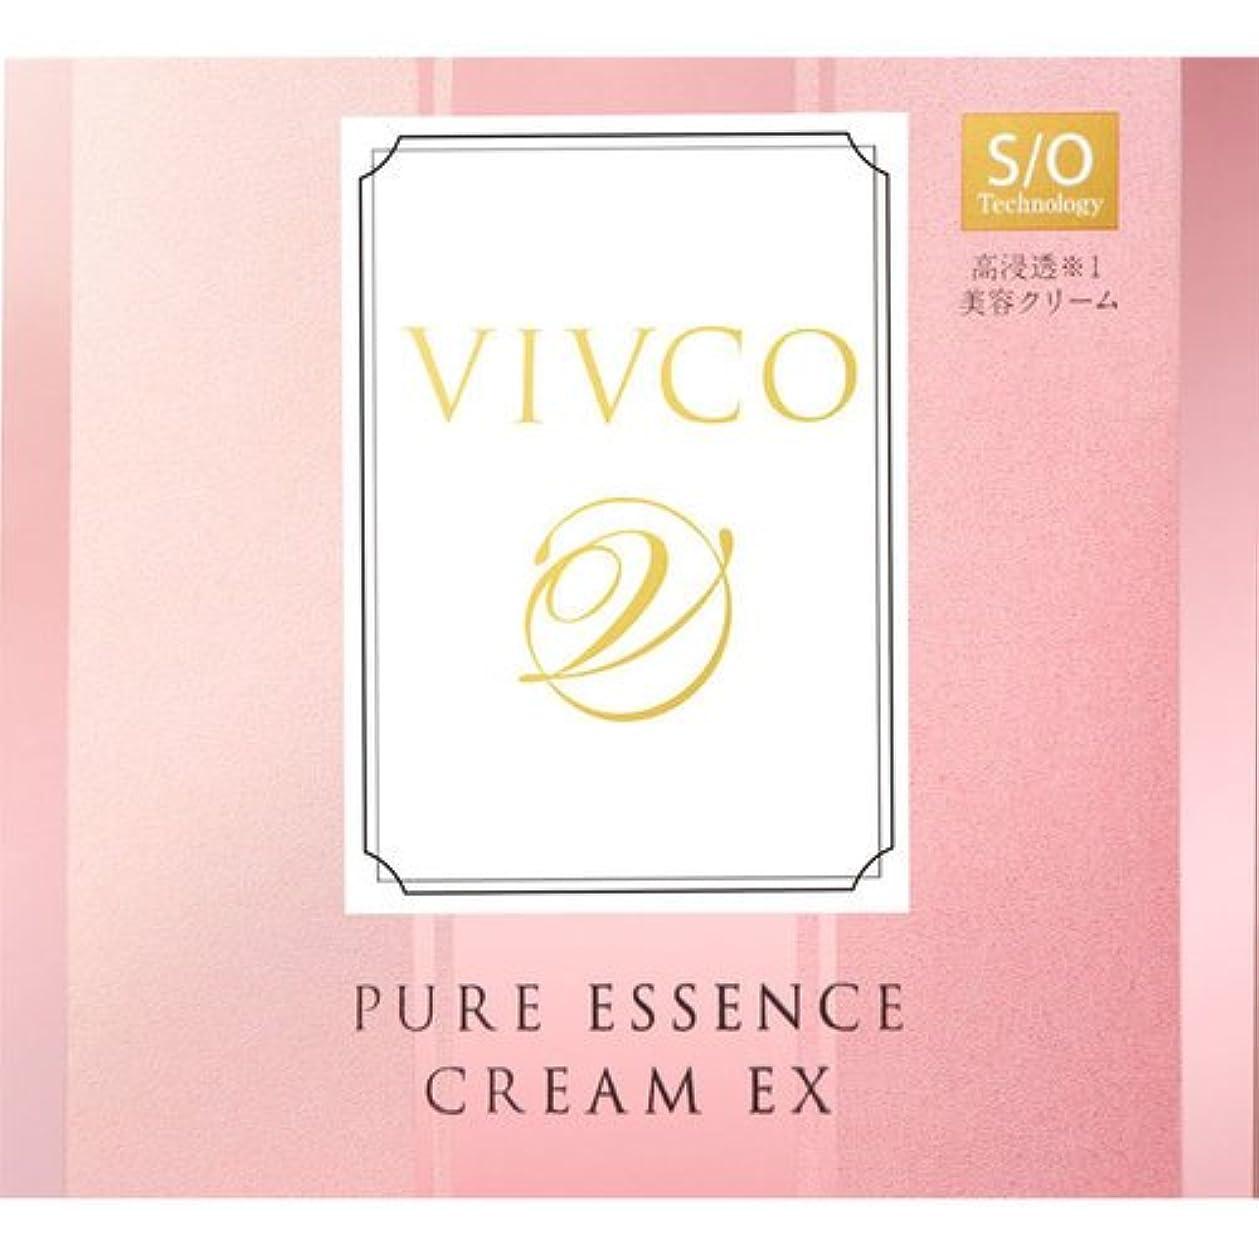 韓国語ドアミラー悪化するVIVCO(ヴィヴコ) ピュアエッセンス クリームEX 60g